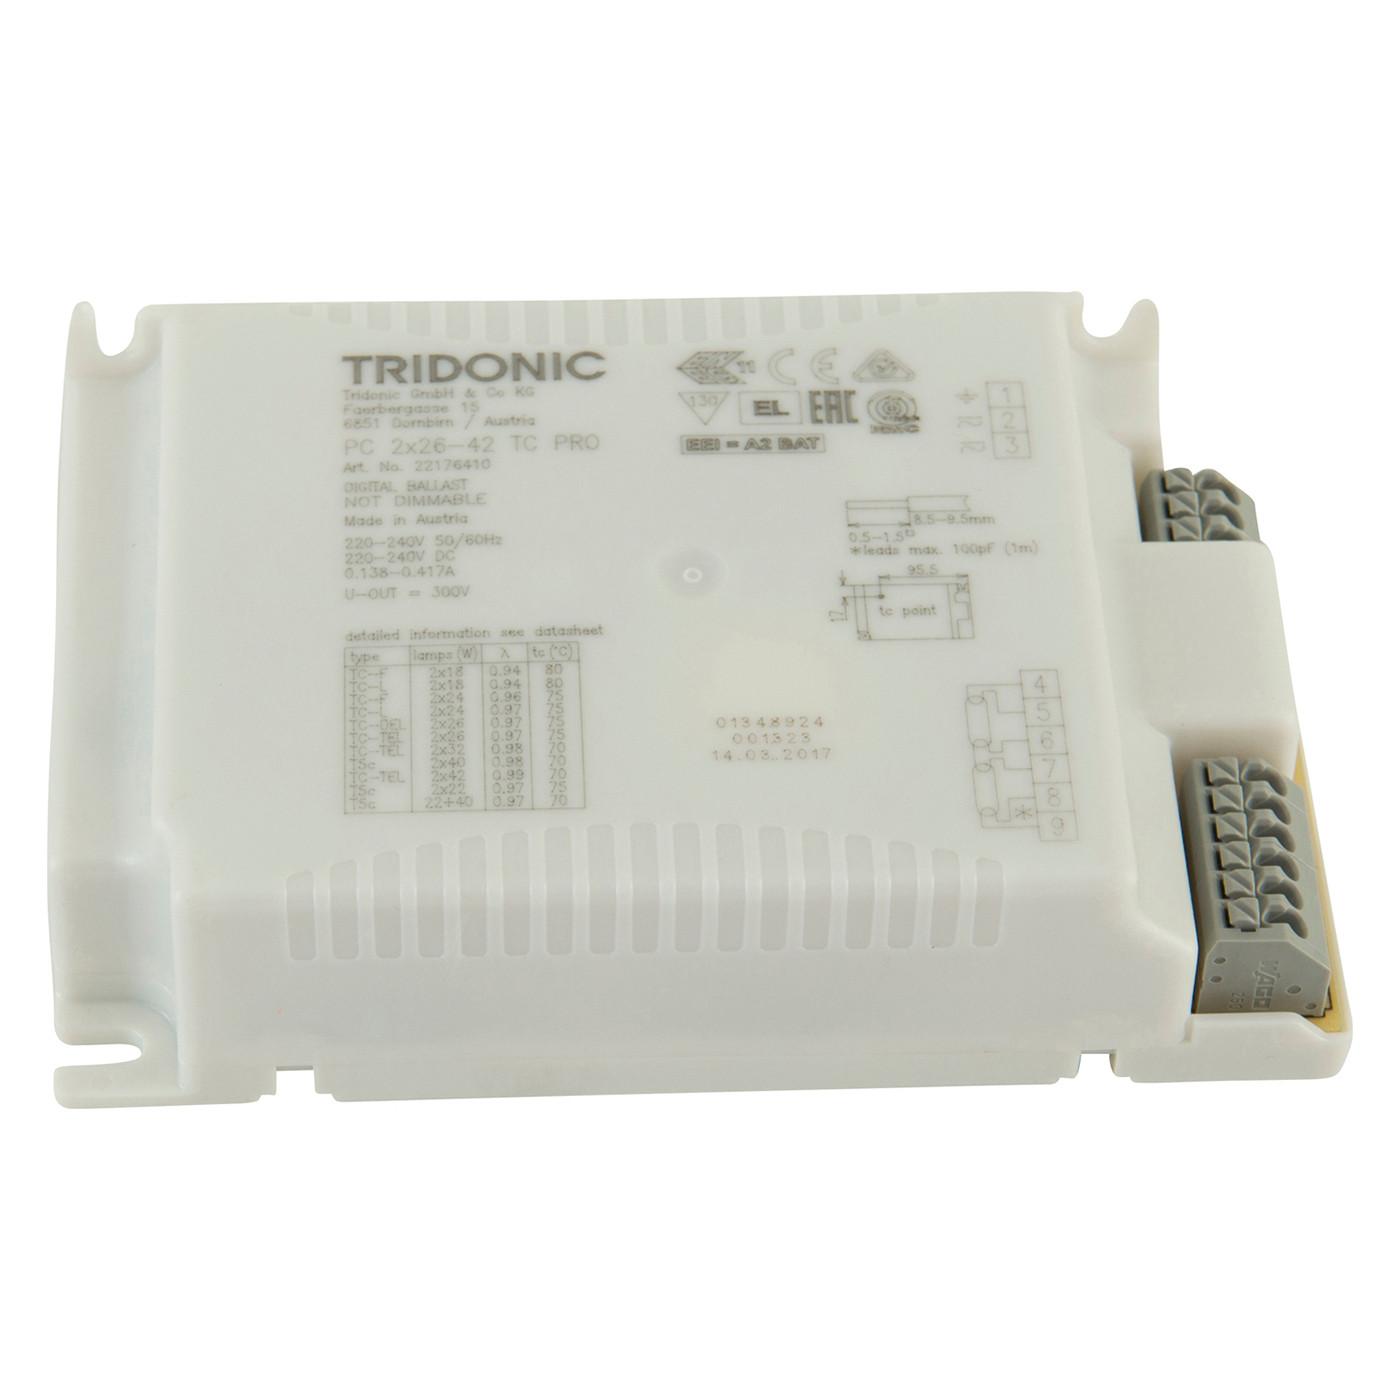 Flos Ersatzteile für Button FL   Teil 8 Elektronisches Vorschaltgerät  8W+82W 8/280V